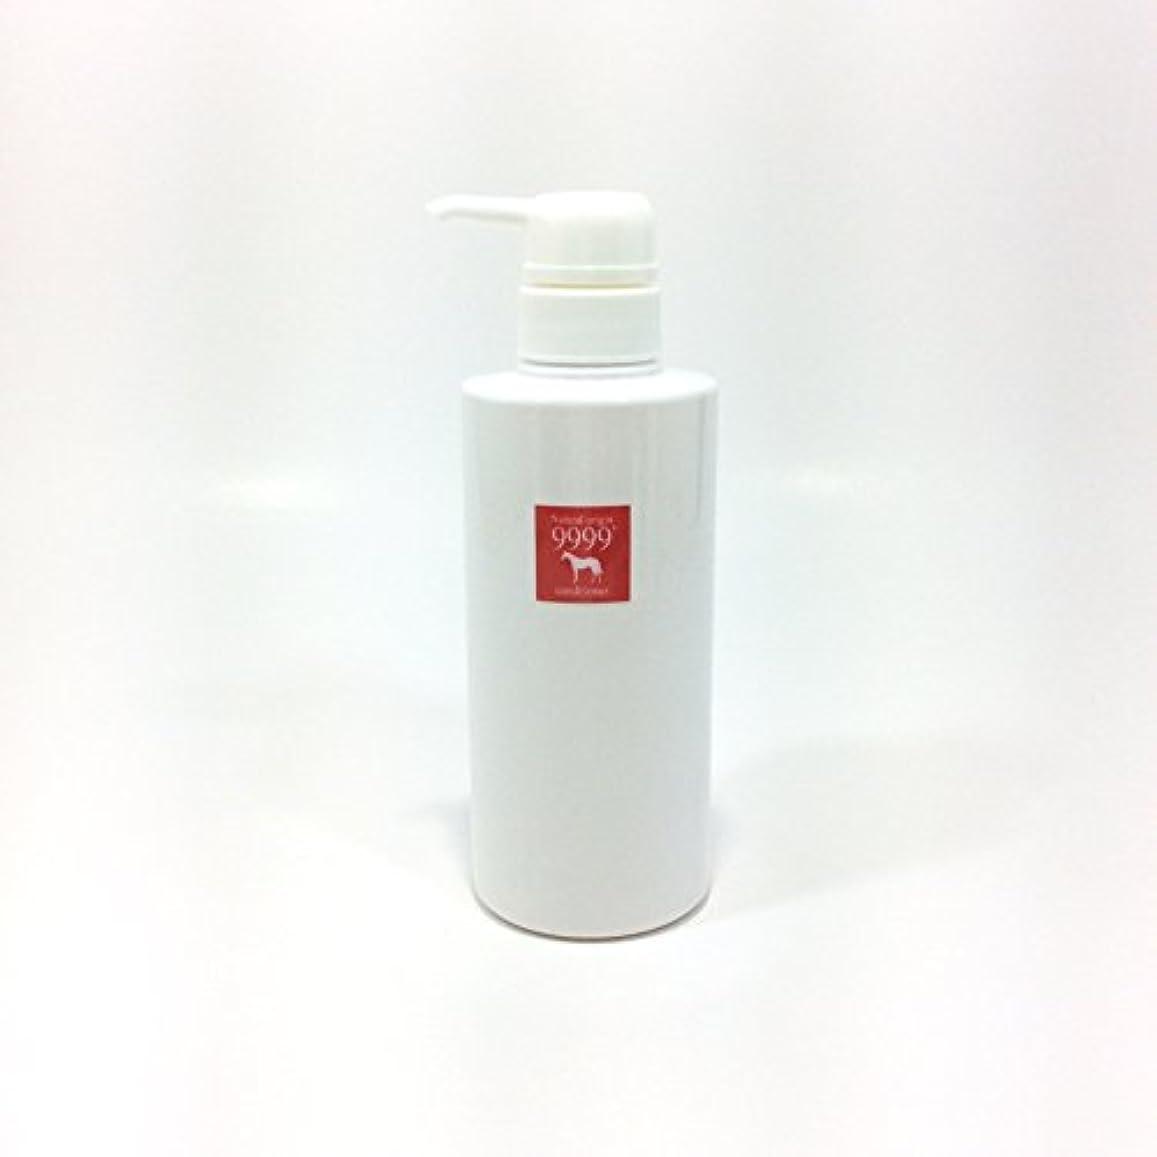 前投薬風が強い豆腐天然純馬油9999コンディショナー (赤)